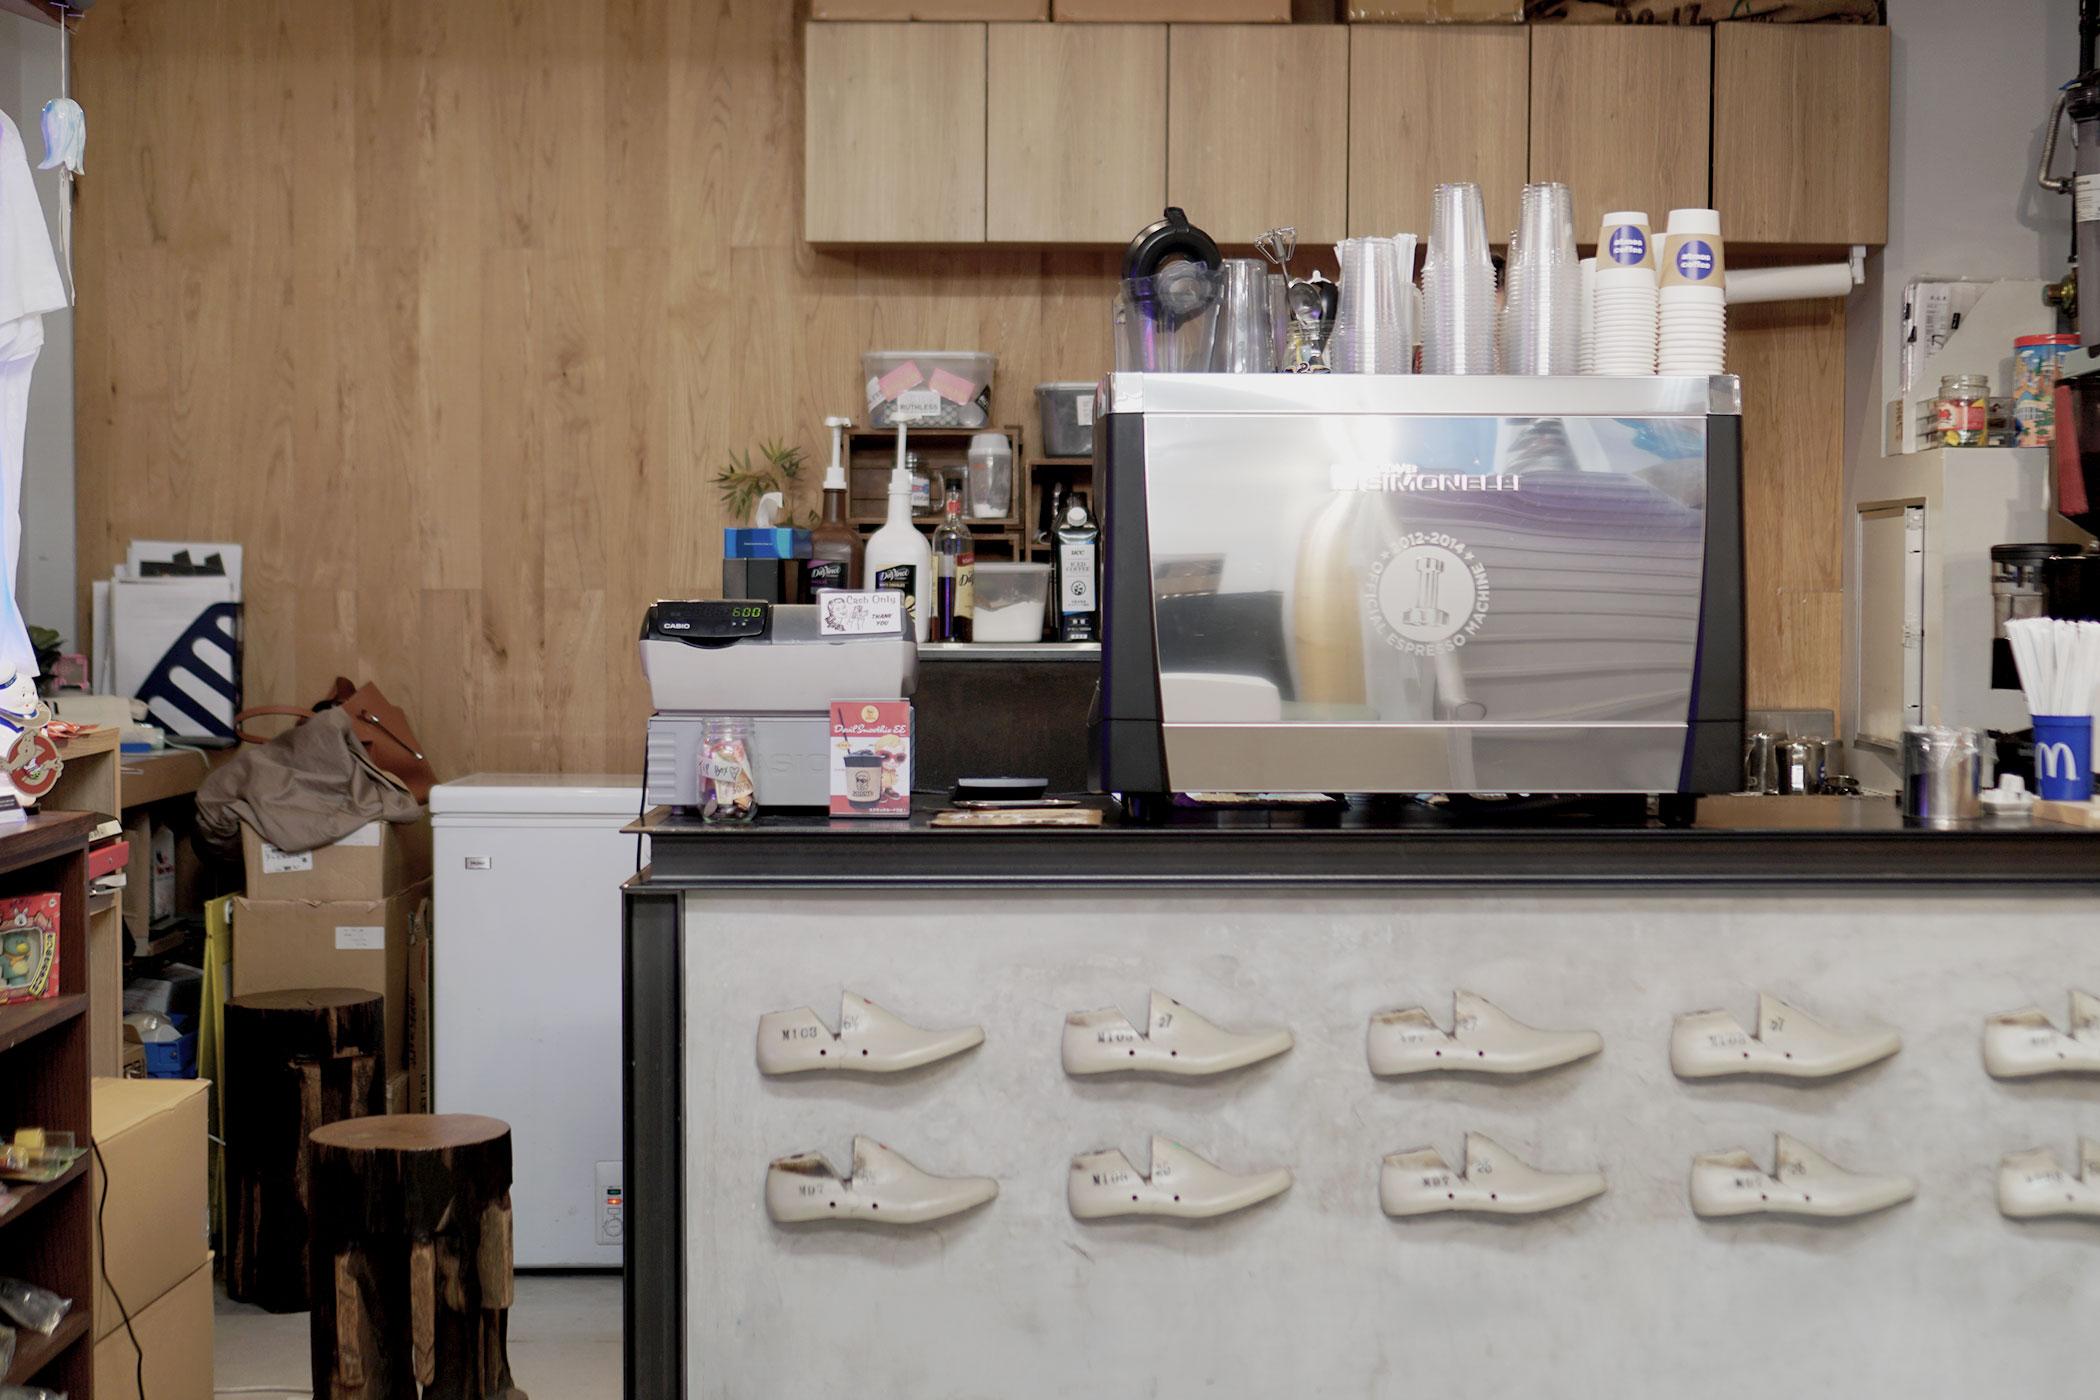 atmos coffee(アトモスコーヒー) 東京・明治神宮前